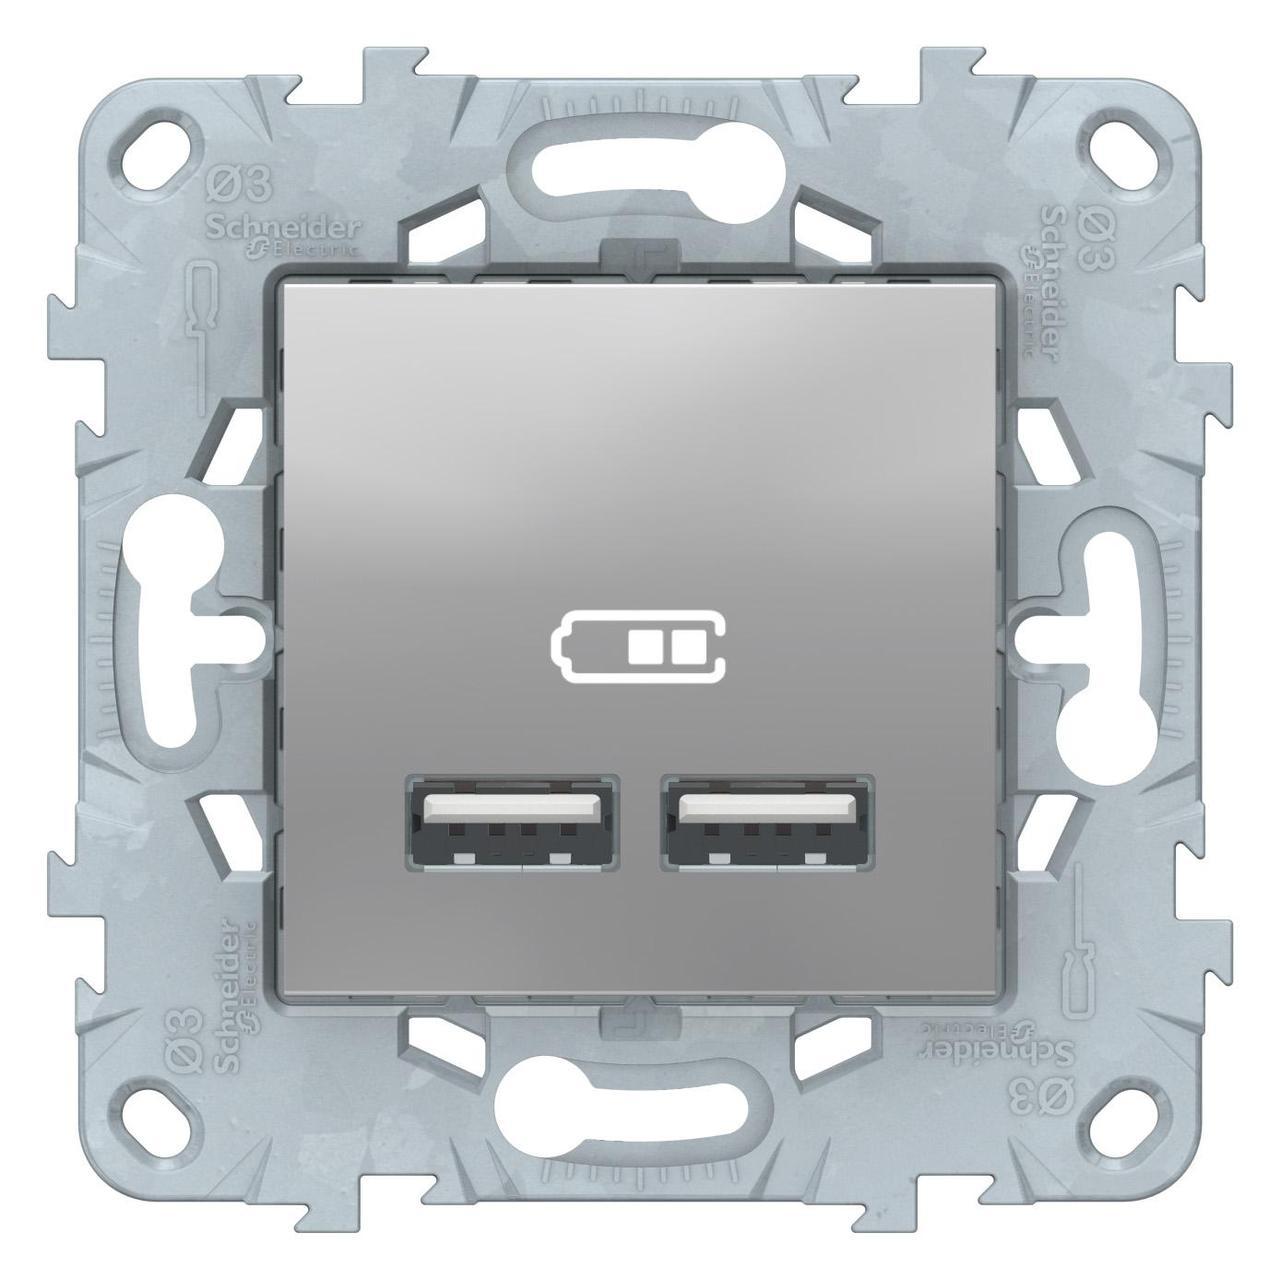 Розетка USB 2-ая (для подзарядки) , Алюминий, серия Unica New, Schneider Electric